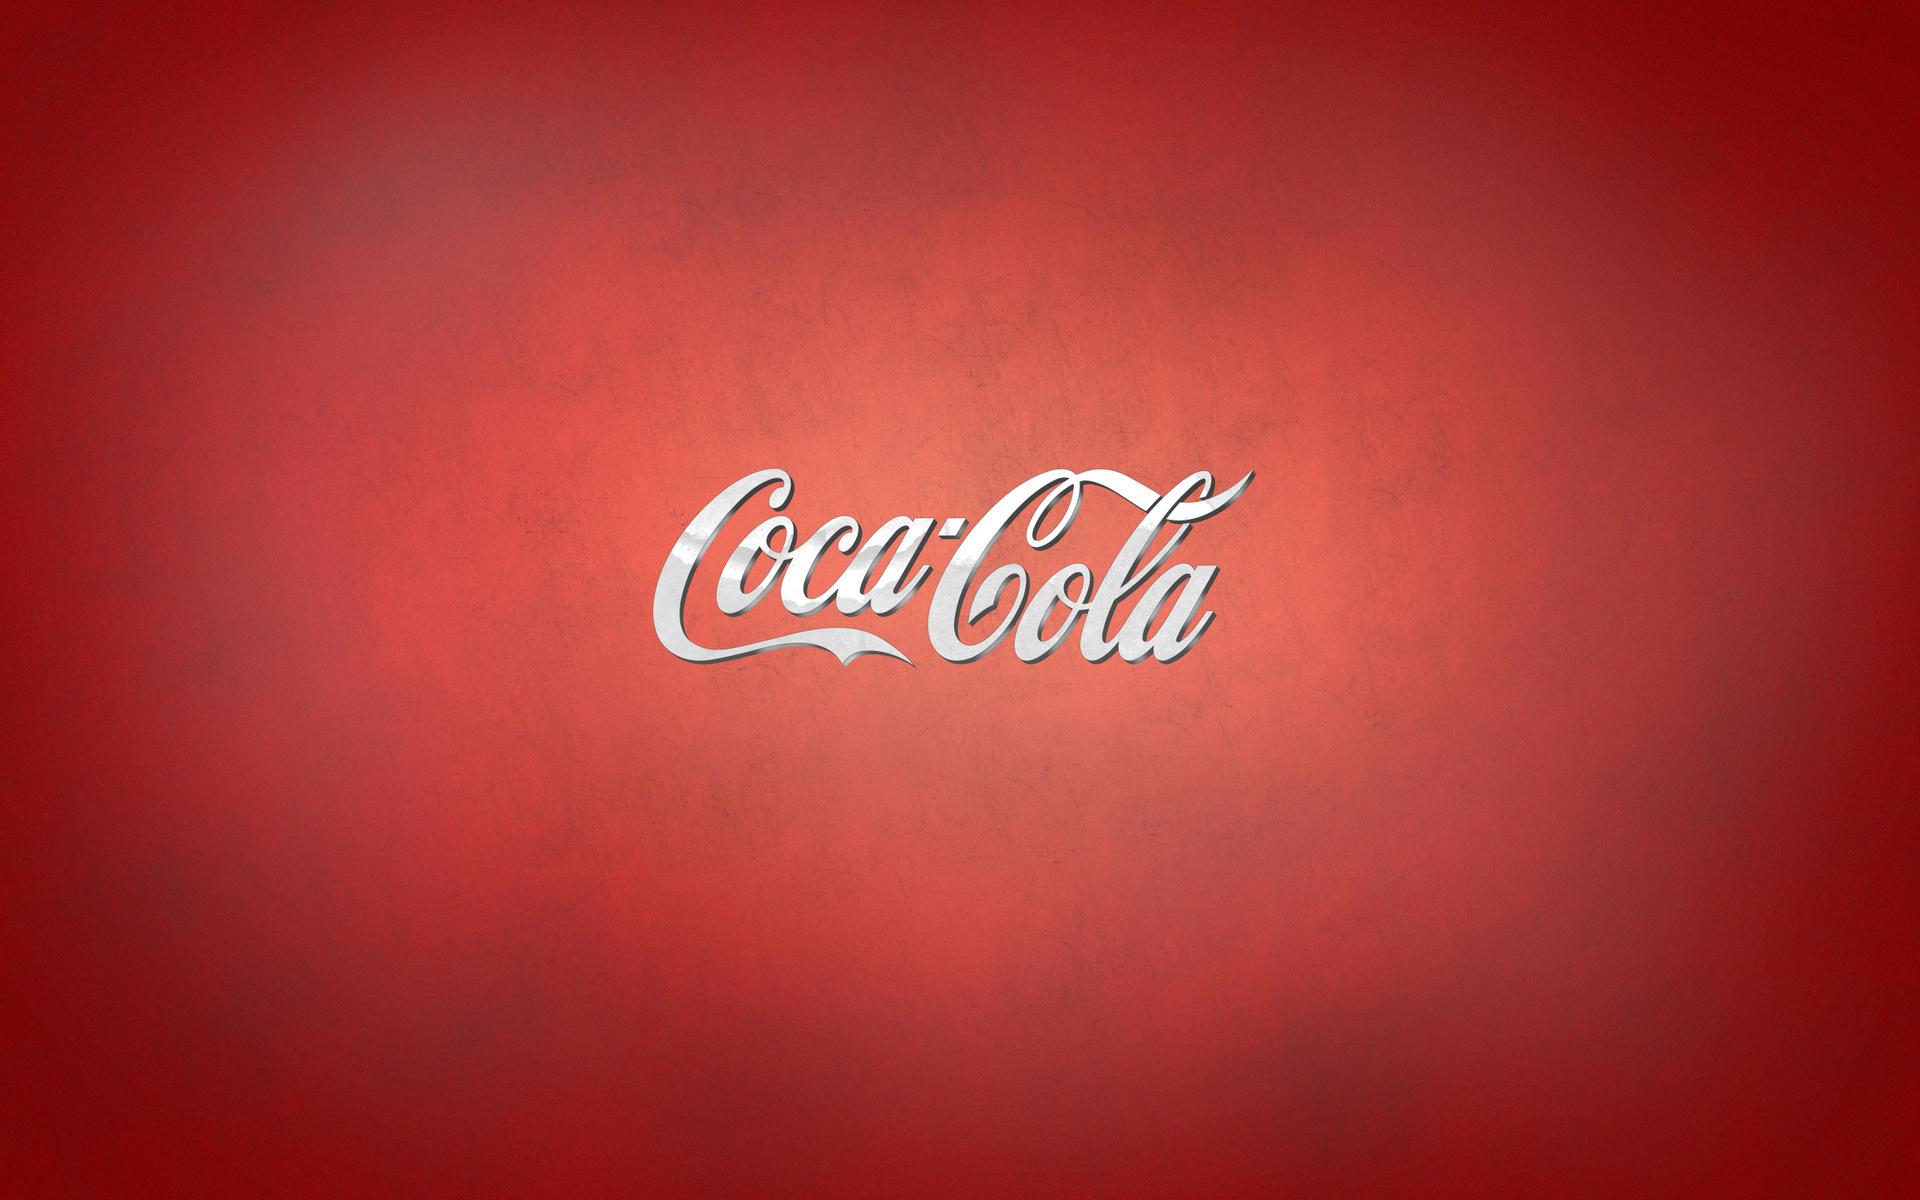 20998 Hintergrundbild herunterladen Marken, Coca-Cola - Bildschirmschoner und Bilder kostenlos